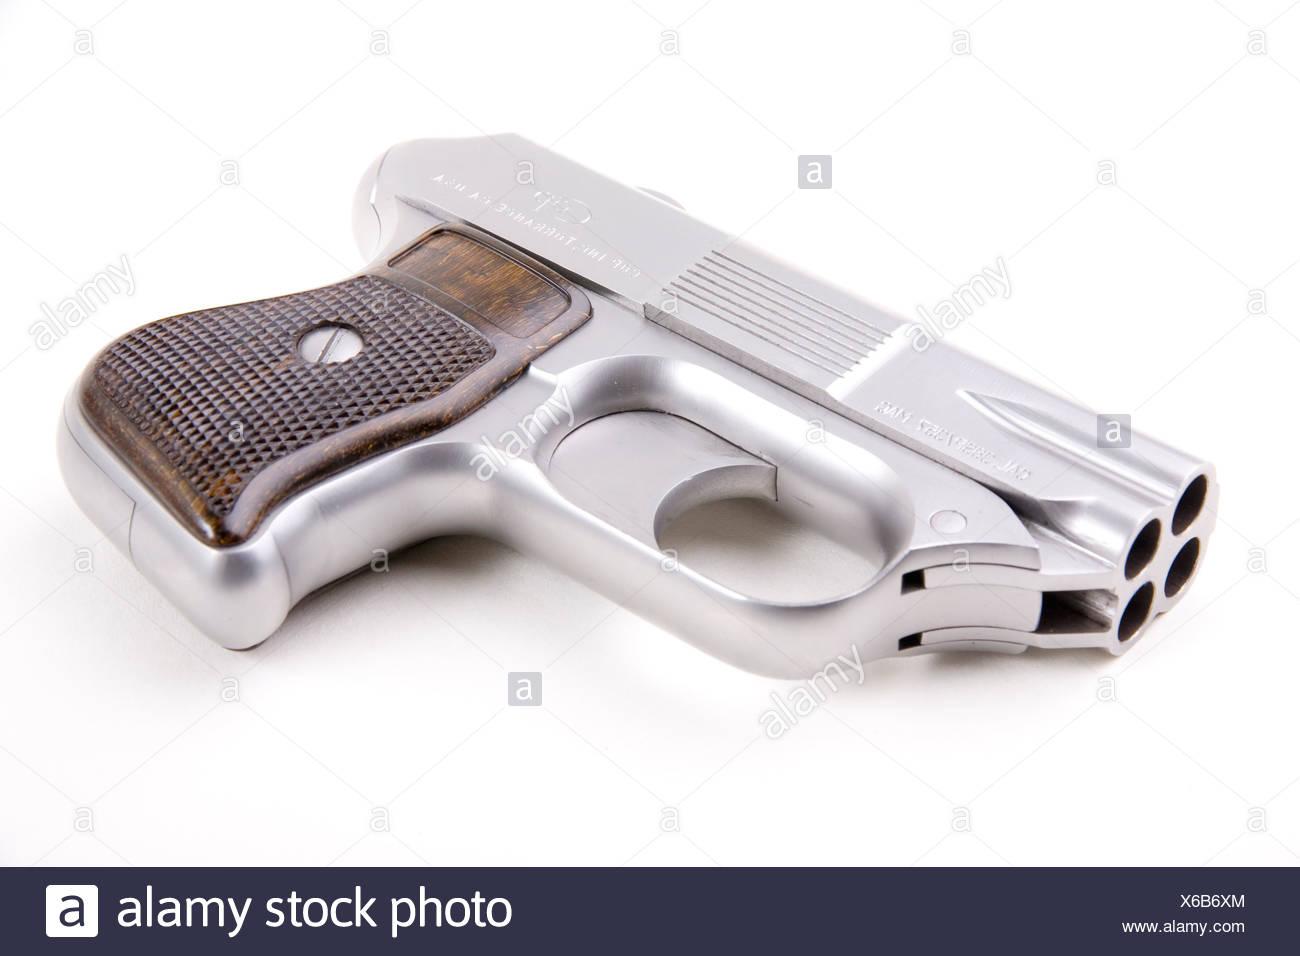 Cop Cal 357 Magnum - Stock Image